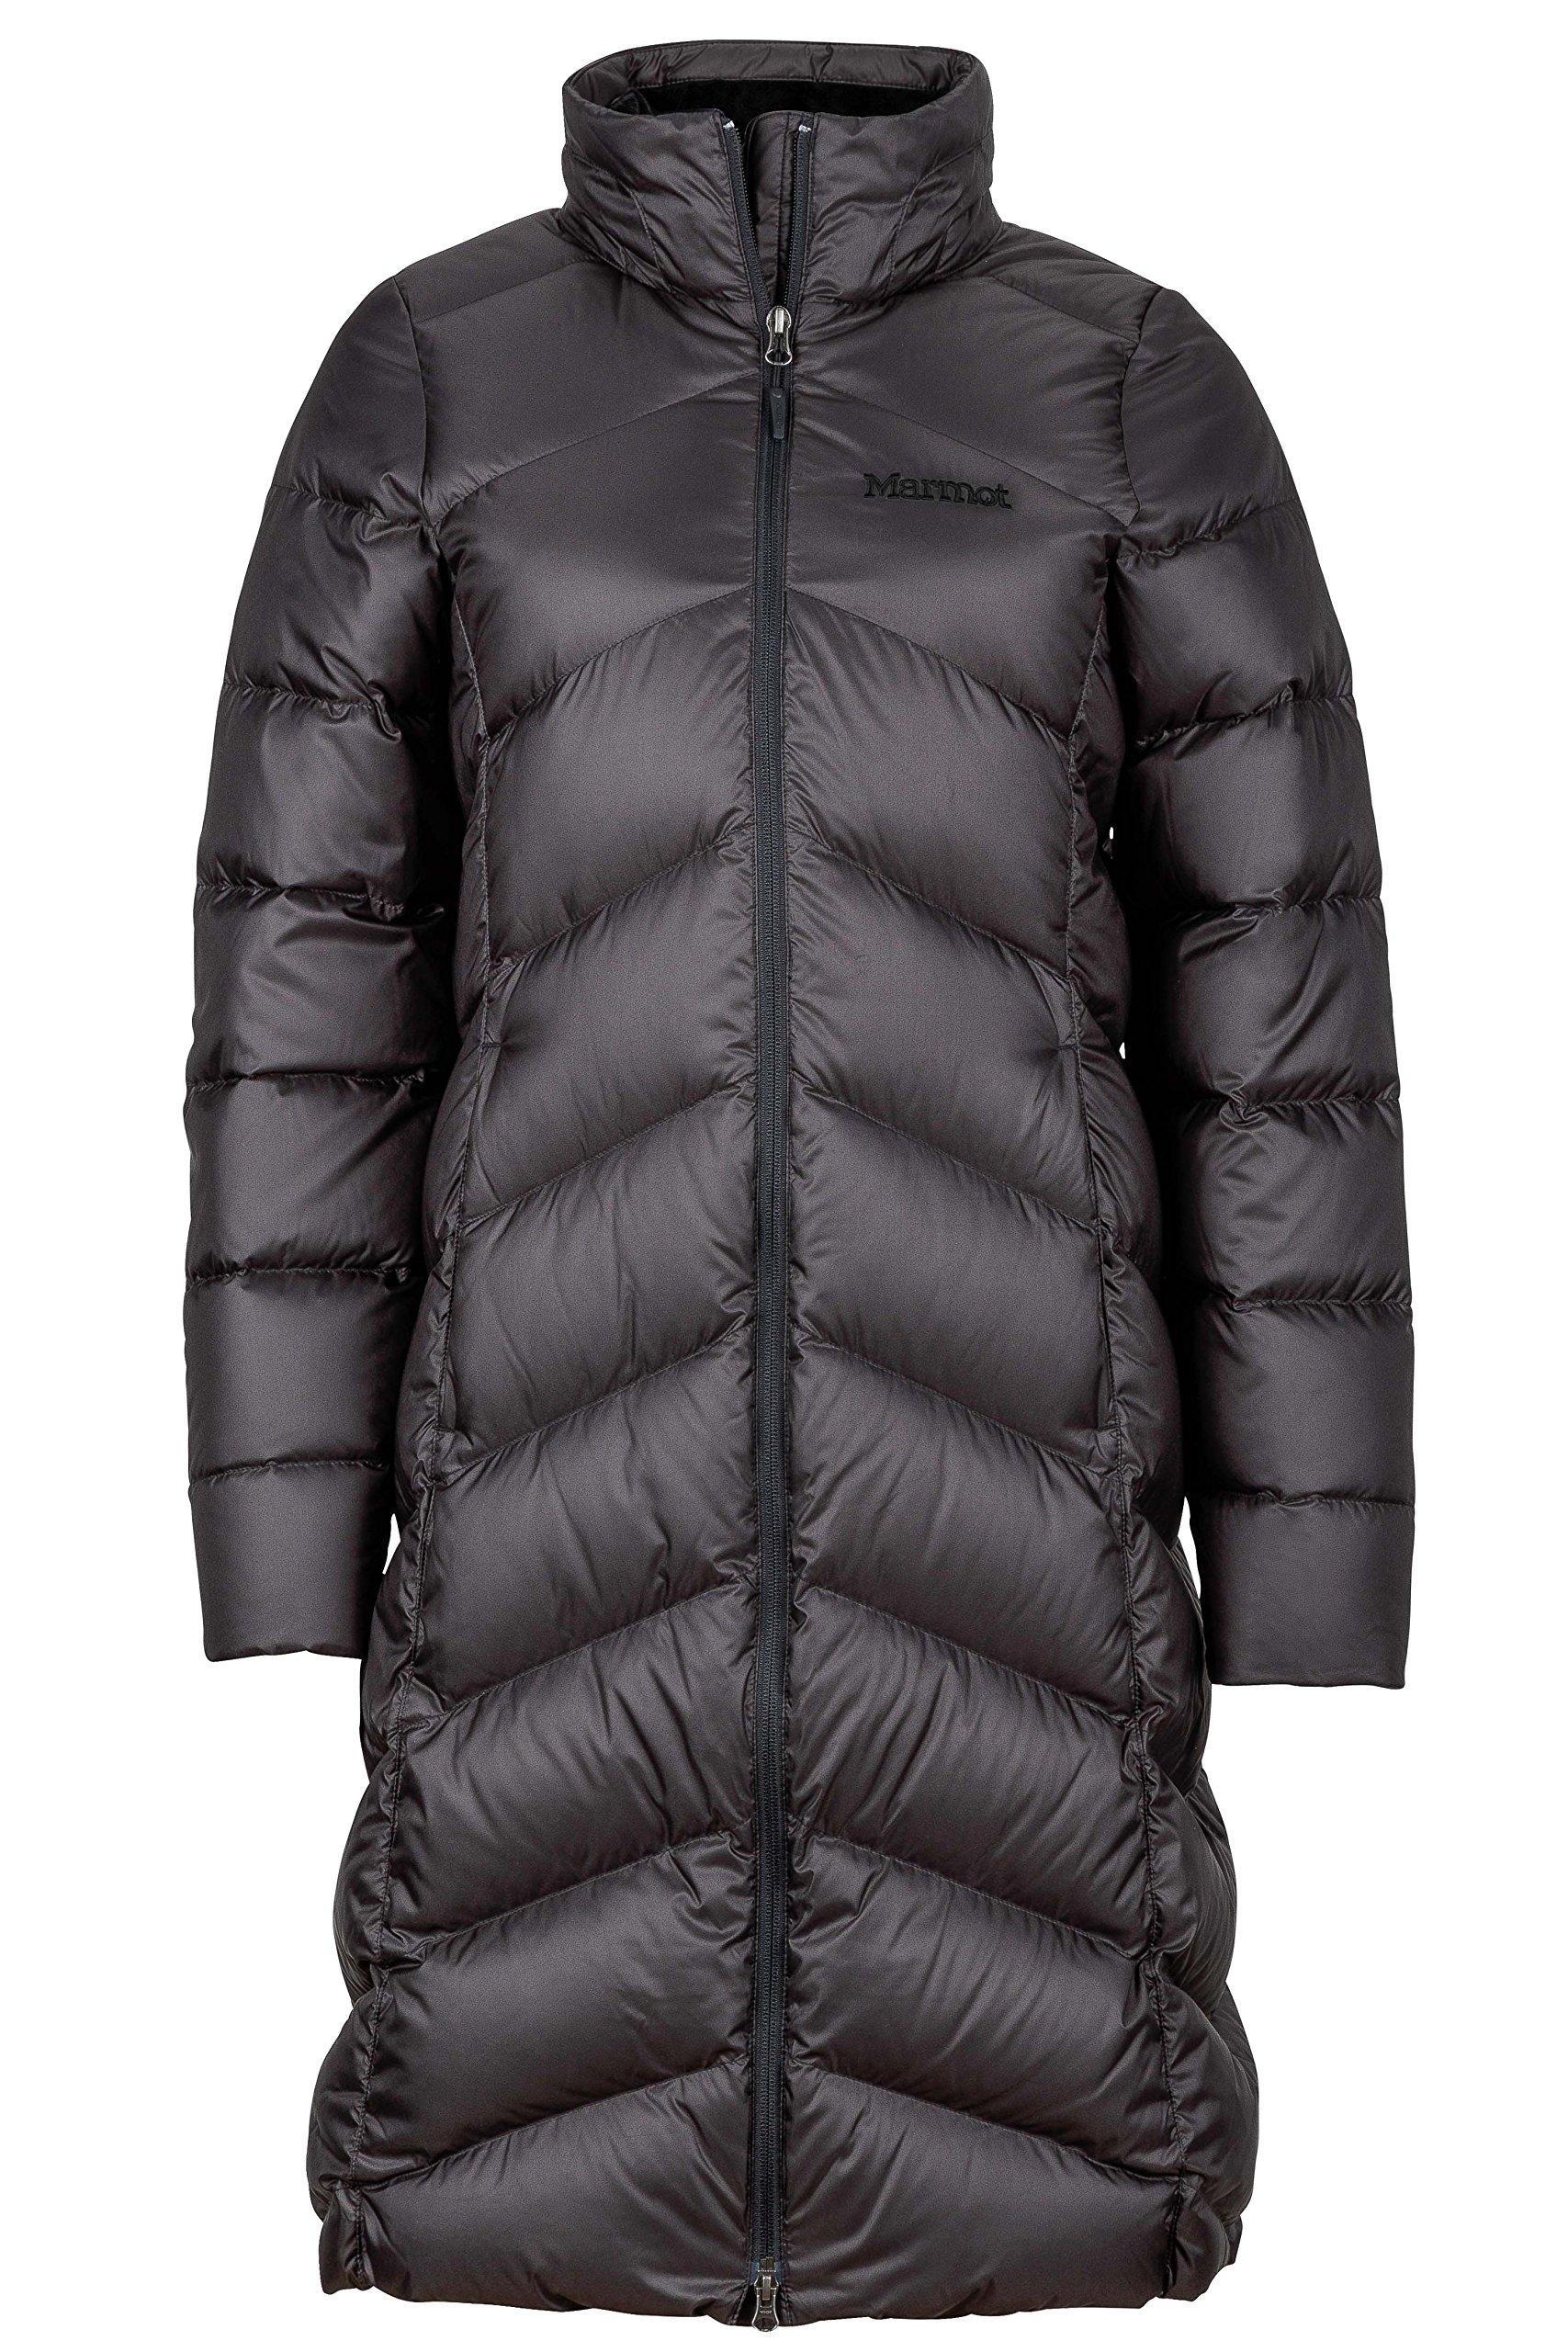 Marmot Montreaux Women's Full-Length Down Puffer Coat, Fill Power 700, Jet Black, Small